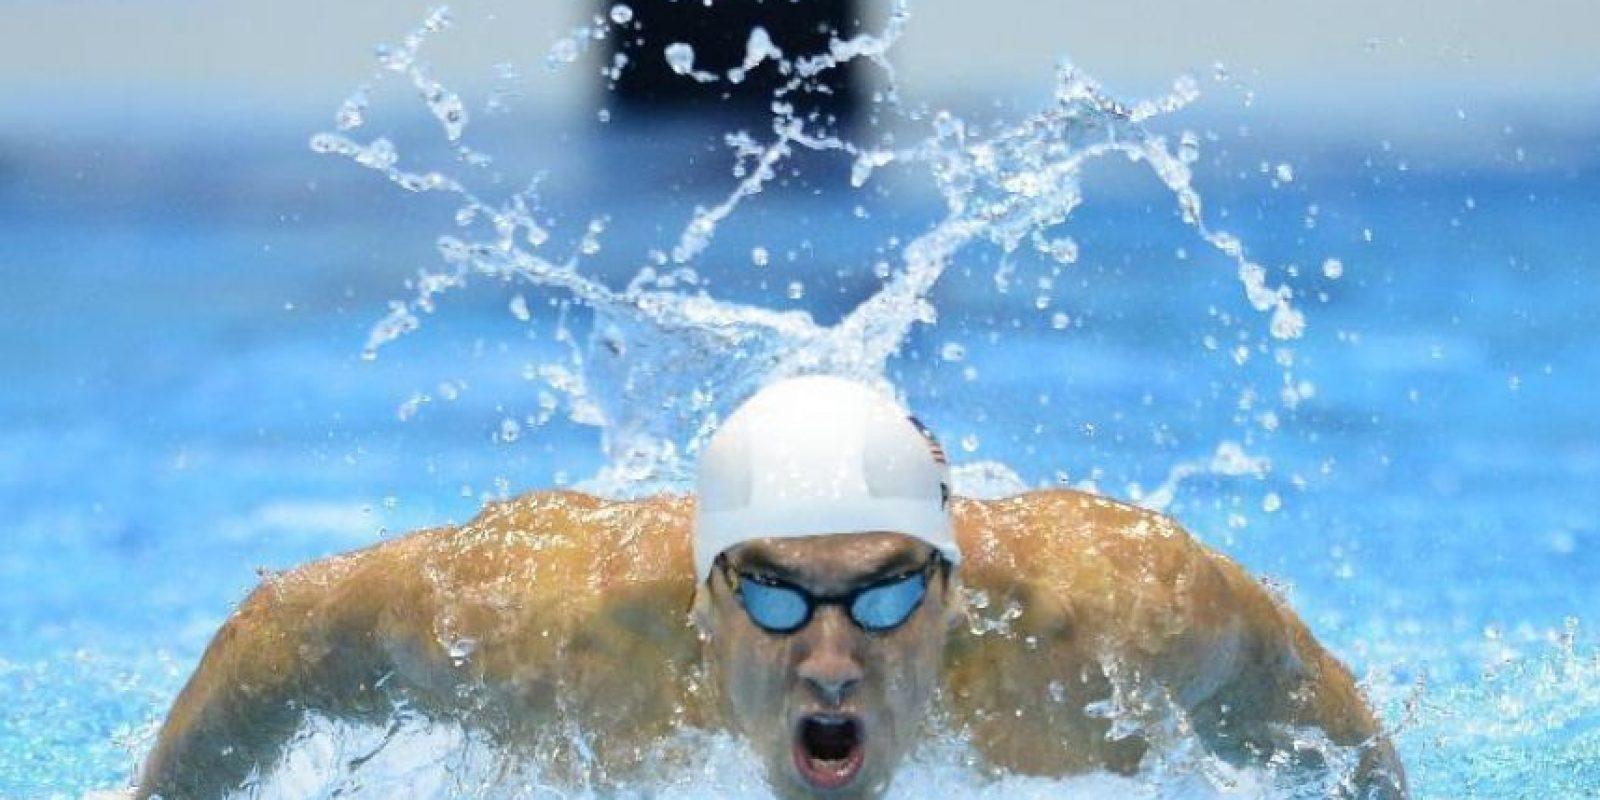 Michael Fred Phelps, el deportista con mayor cantidad de medallas de oro en unas Olímpimpiadas confesó que antes de salir a una piscina tiene que escuchar la canción 'Go Guetta' de Young Jezzy. Phelps en la actualidad posee tres marcas mundiales participando individualmente y tres más en relevos. Foto:AFP